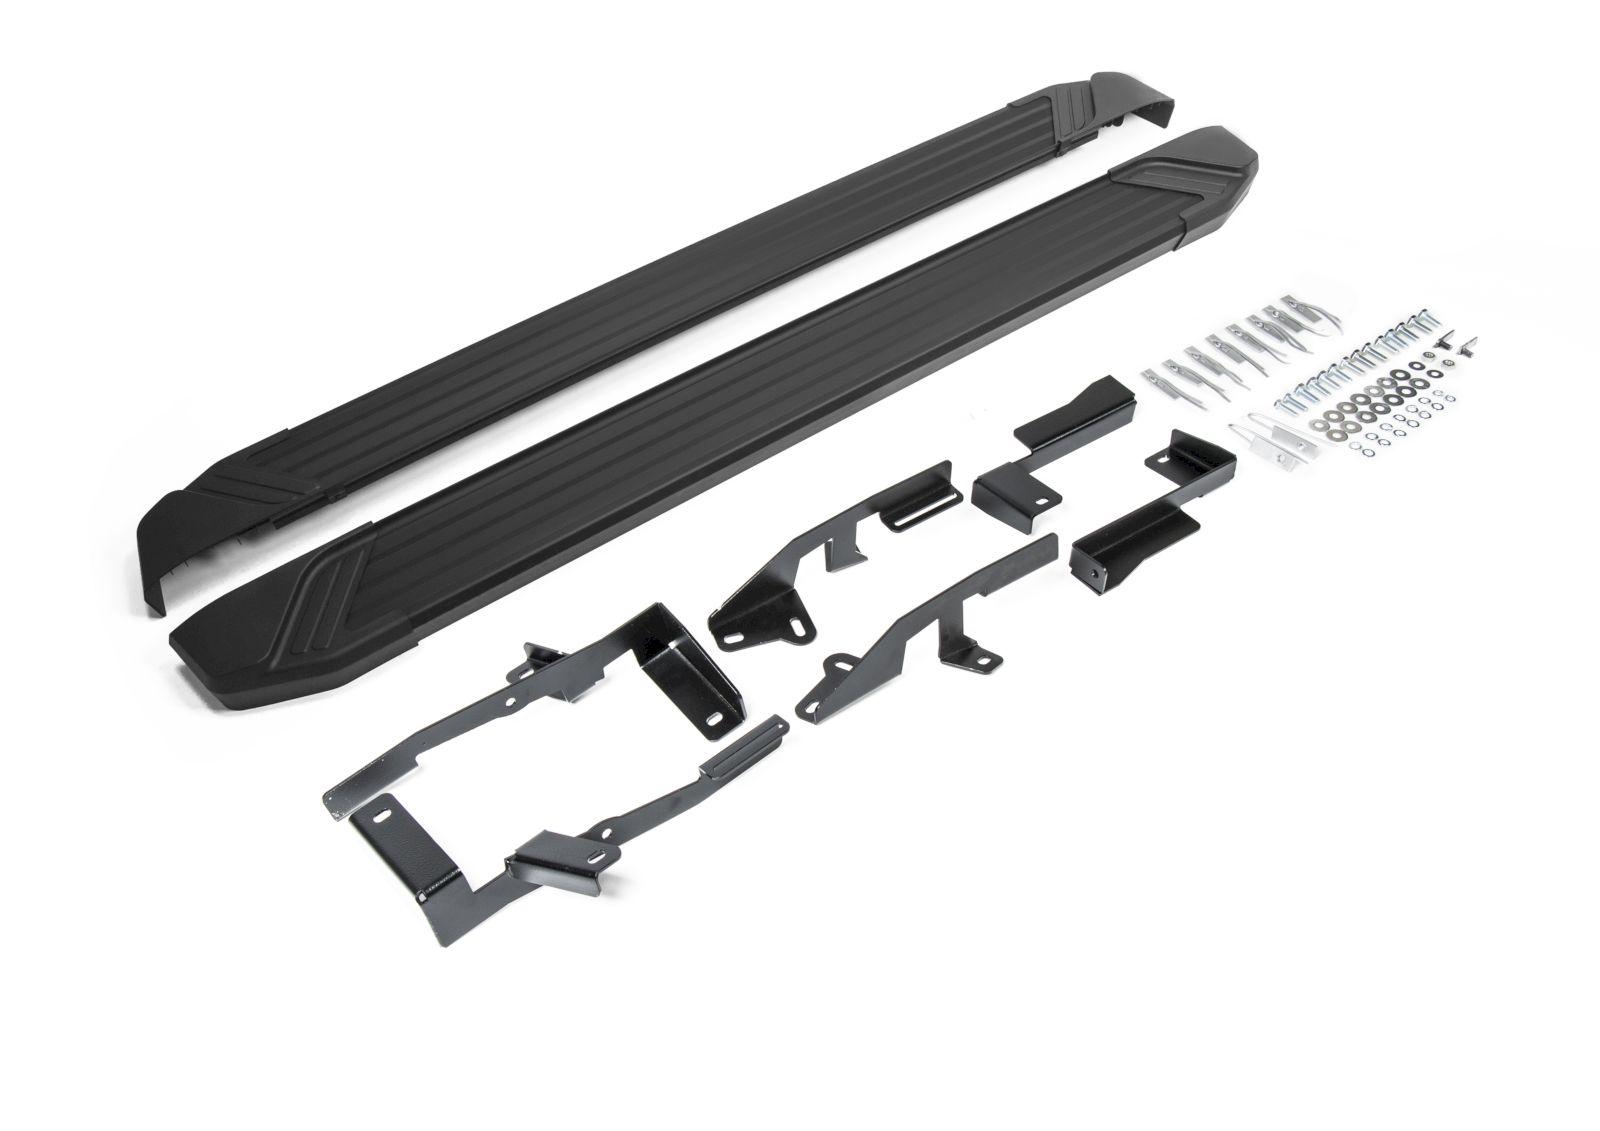 Basic Black Bočné nášľapy TUV Ford Kuga 2013-up